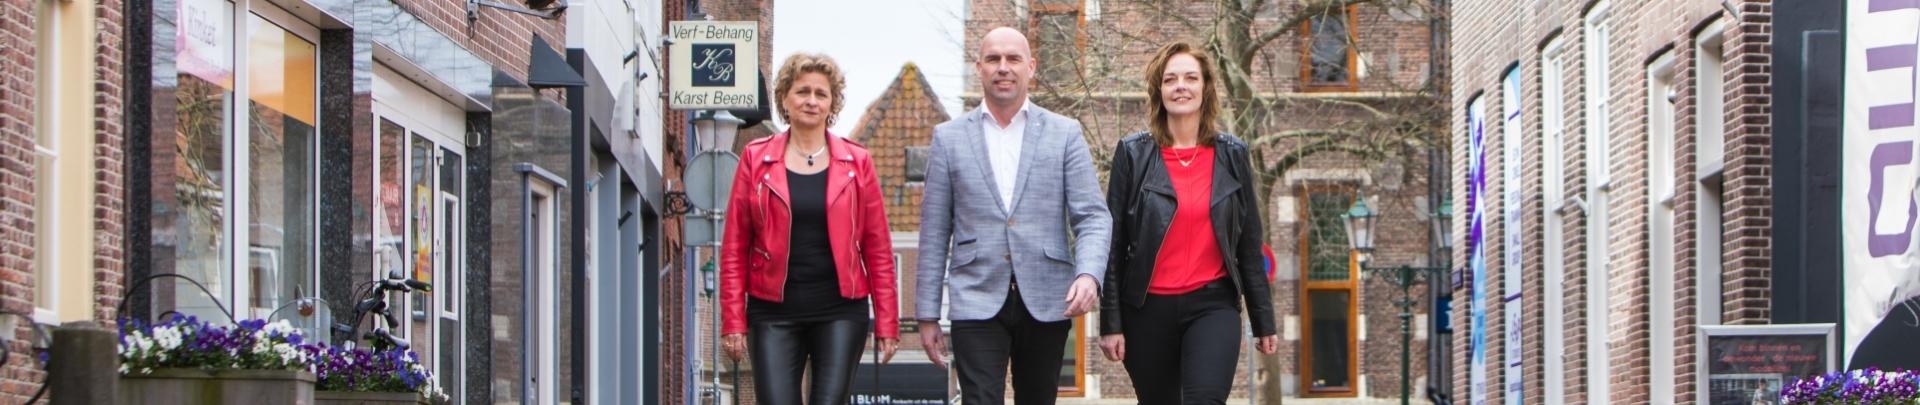 Slomp & De Graaf - ons team